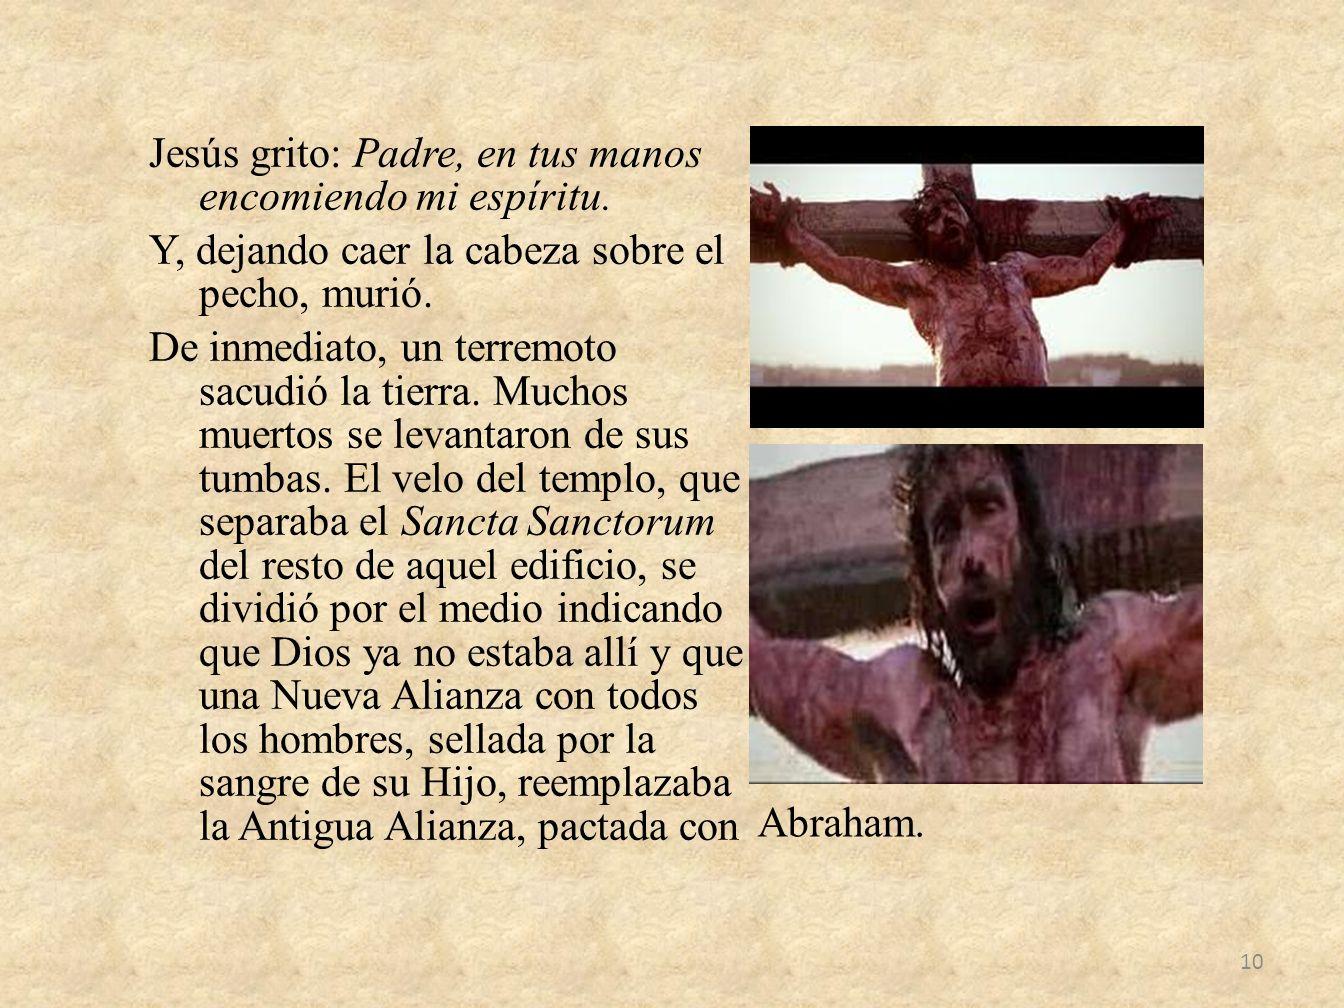 Jesús grito: Padre, en tus manos encomiendo mi espíritu